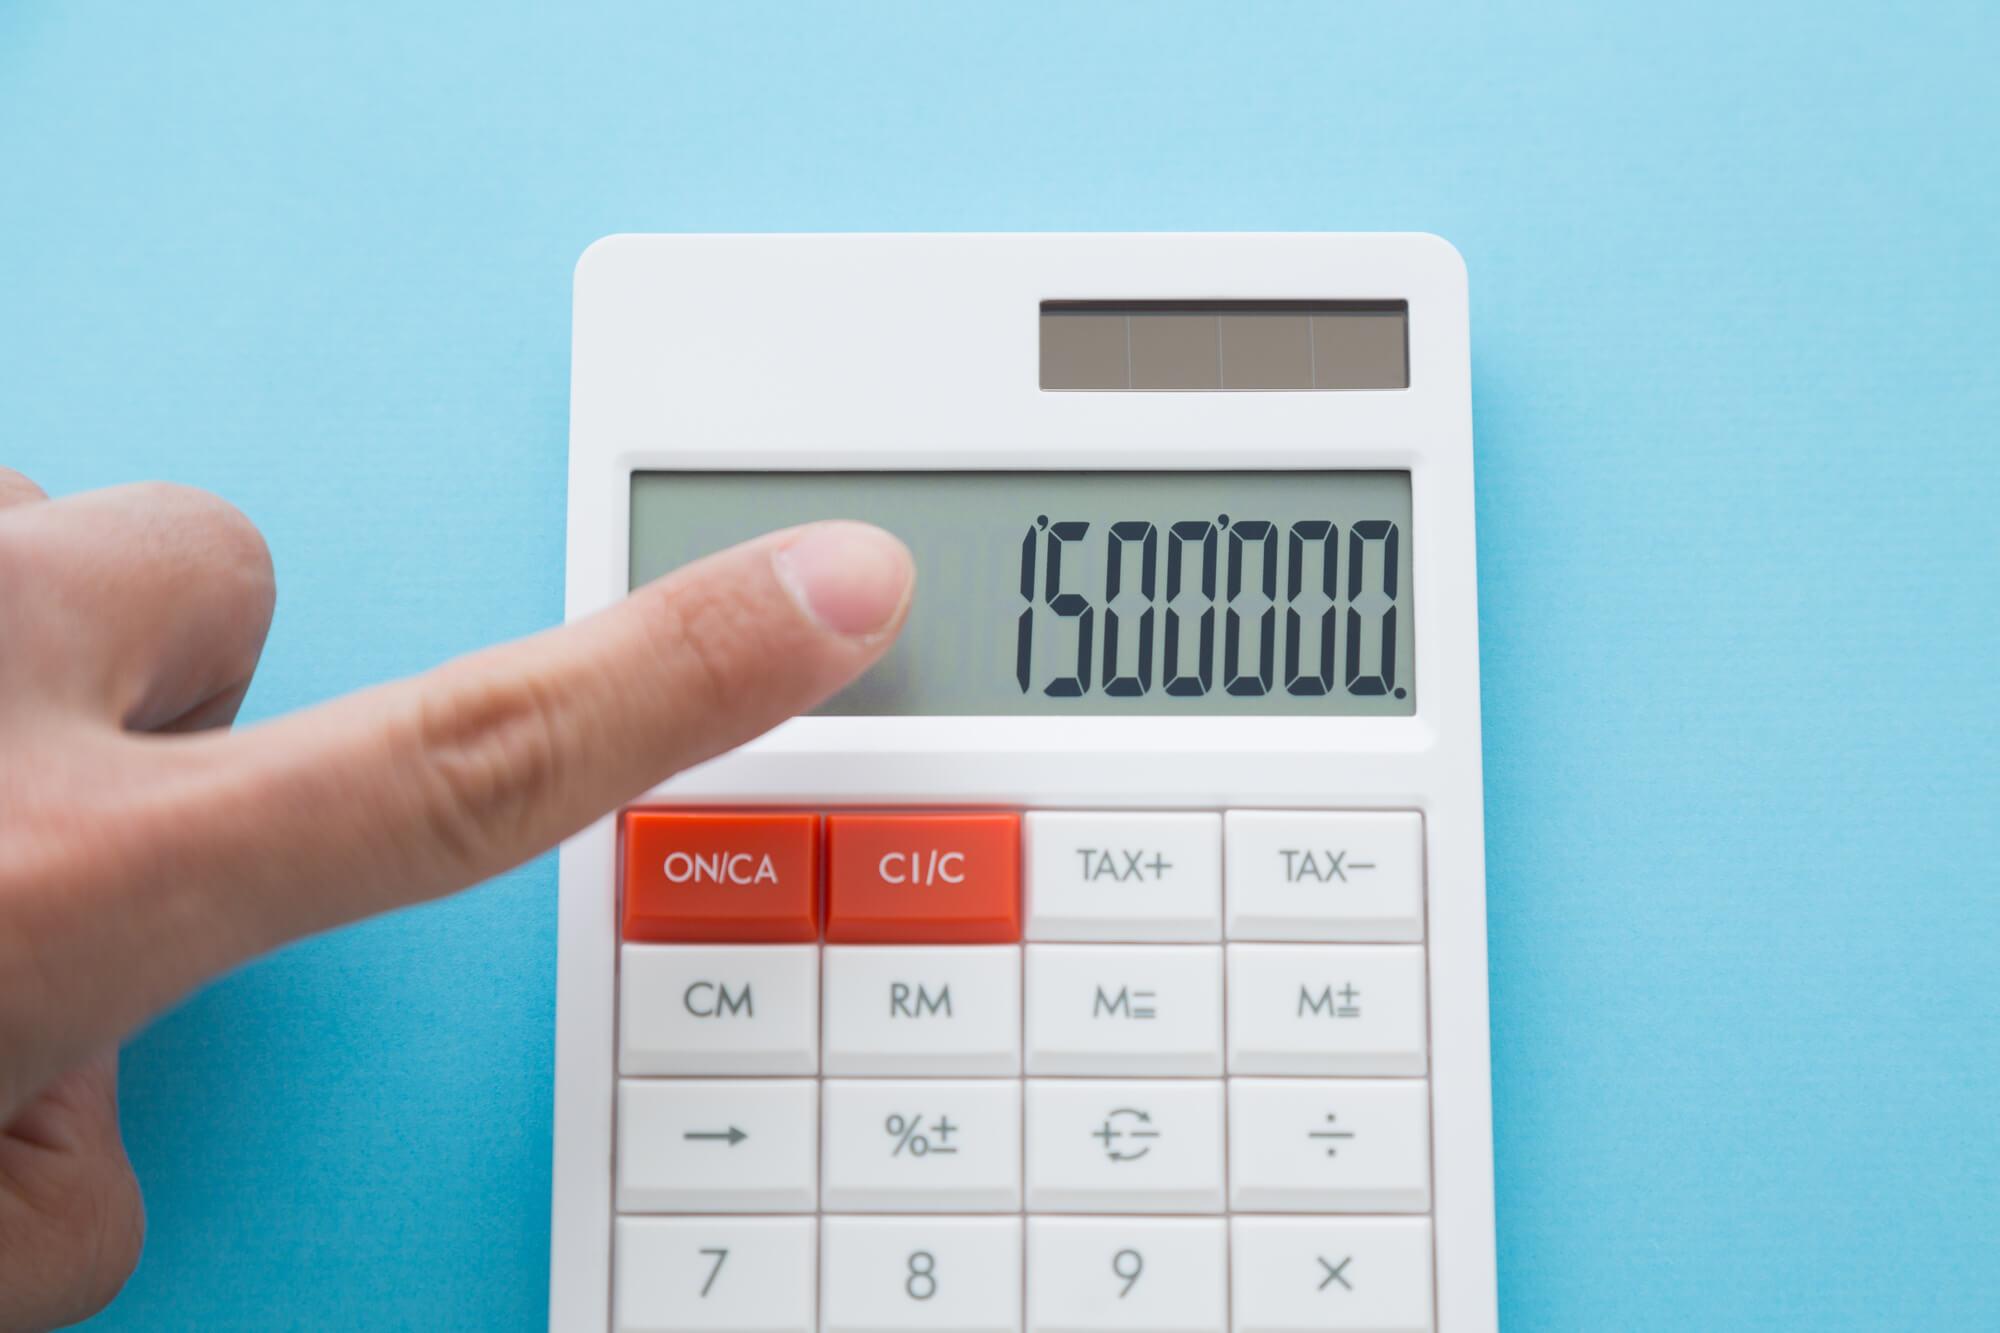 不動産売却時の税金計算と特別控除を解説【納税額が1000万円も違う?】